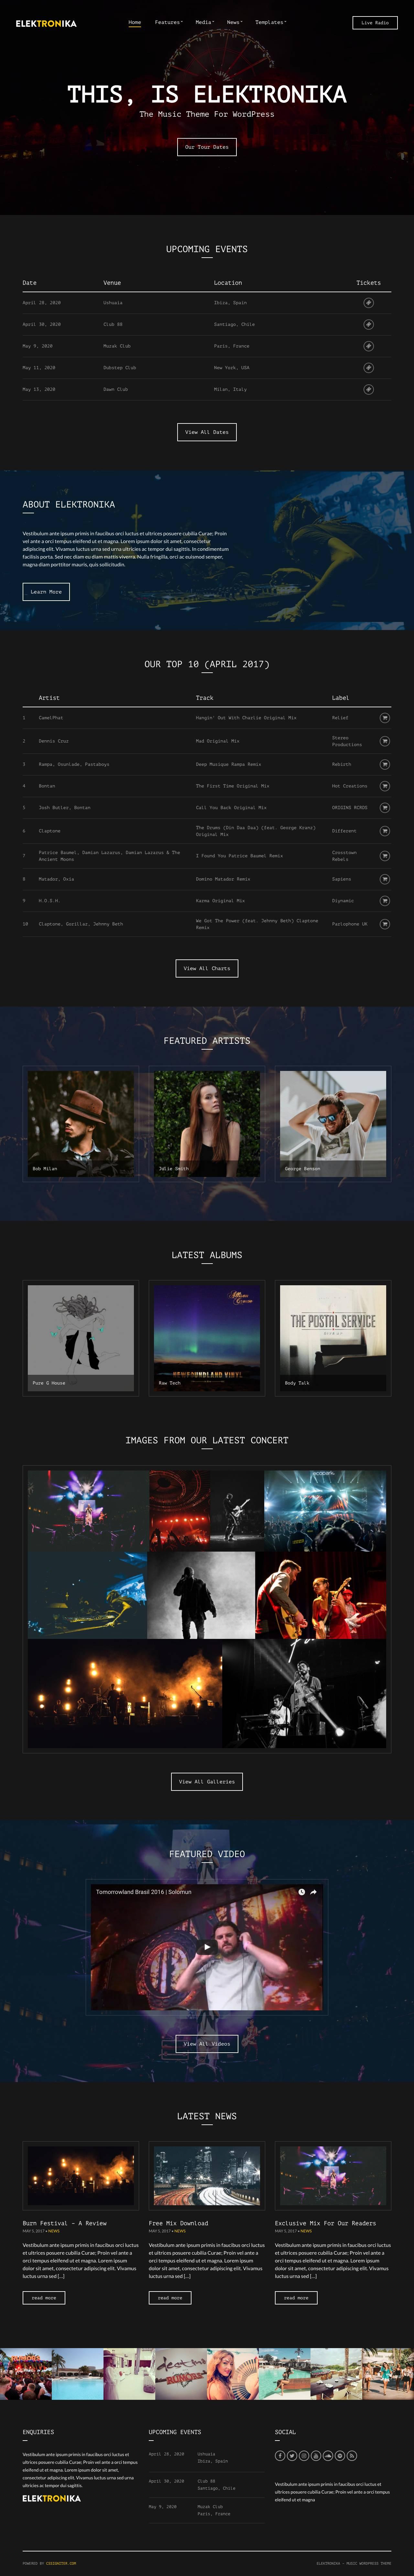 Elektronika WordPress Theme for Entertainers